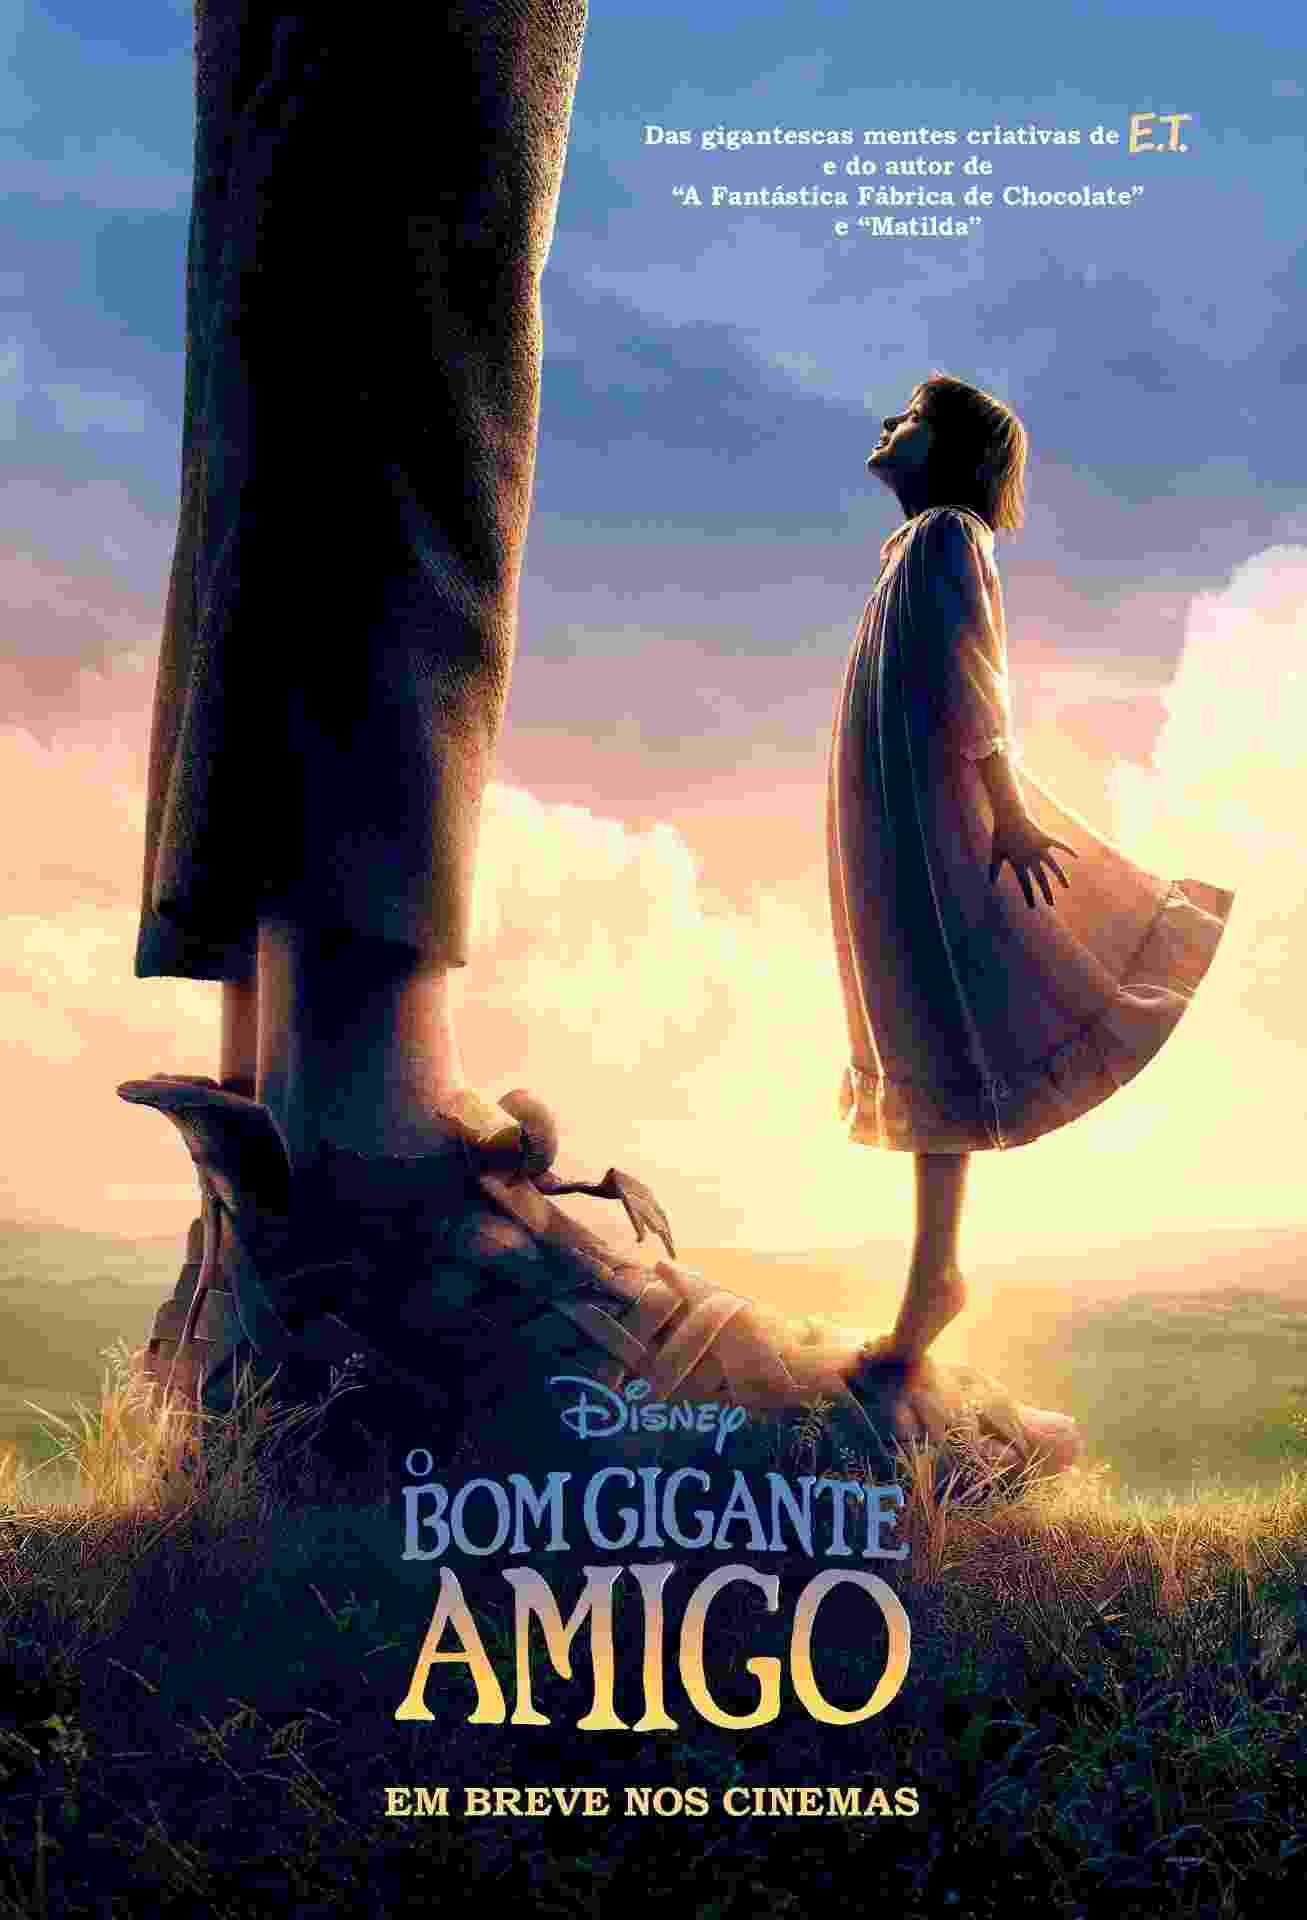 """Cartaz nacional do filme """"O Bom Gigante Amigo"""", primeiro filme da Disney dirigido por Steven Spielberg - Divulgação"""